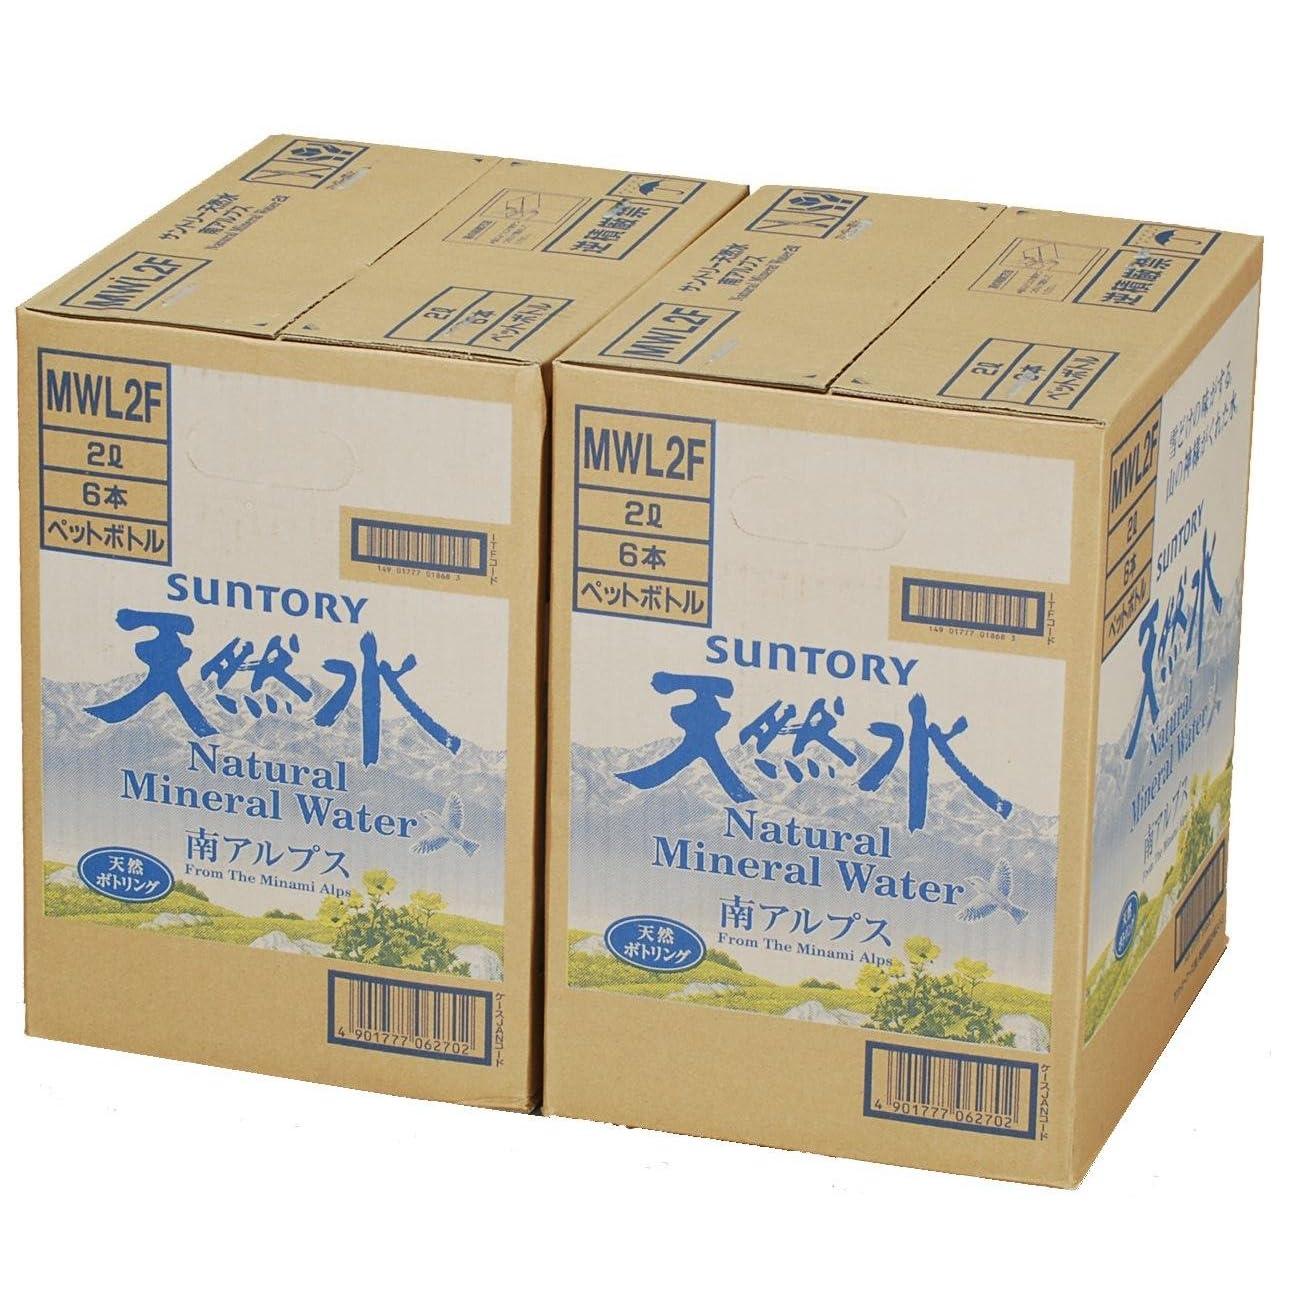 サントリー 天然水(南アルプス) (2L×6本)×2箱